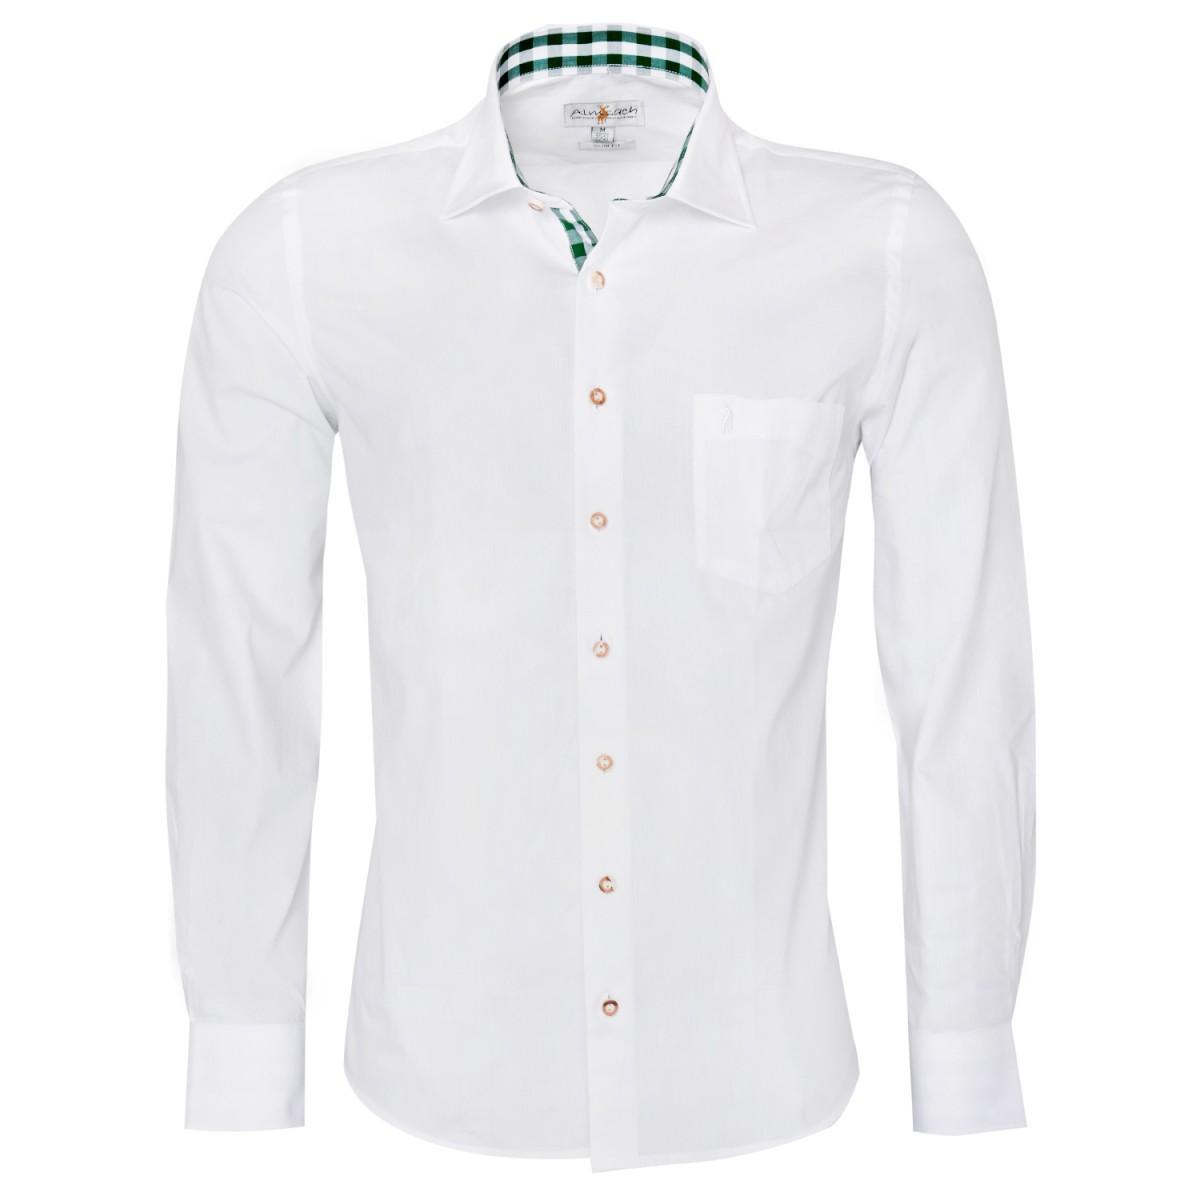 Trachtenhemd Slim Fit zweifarbig in Weiß und Dunkelgrün von Almsach günstig online kaufen